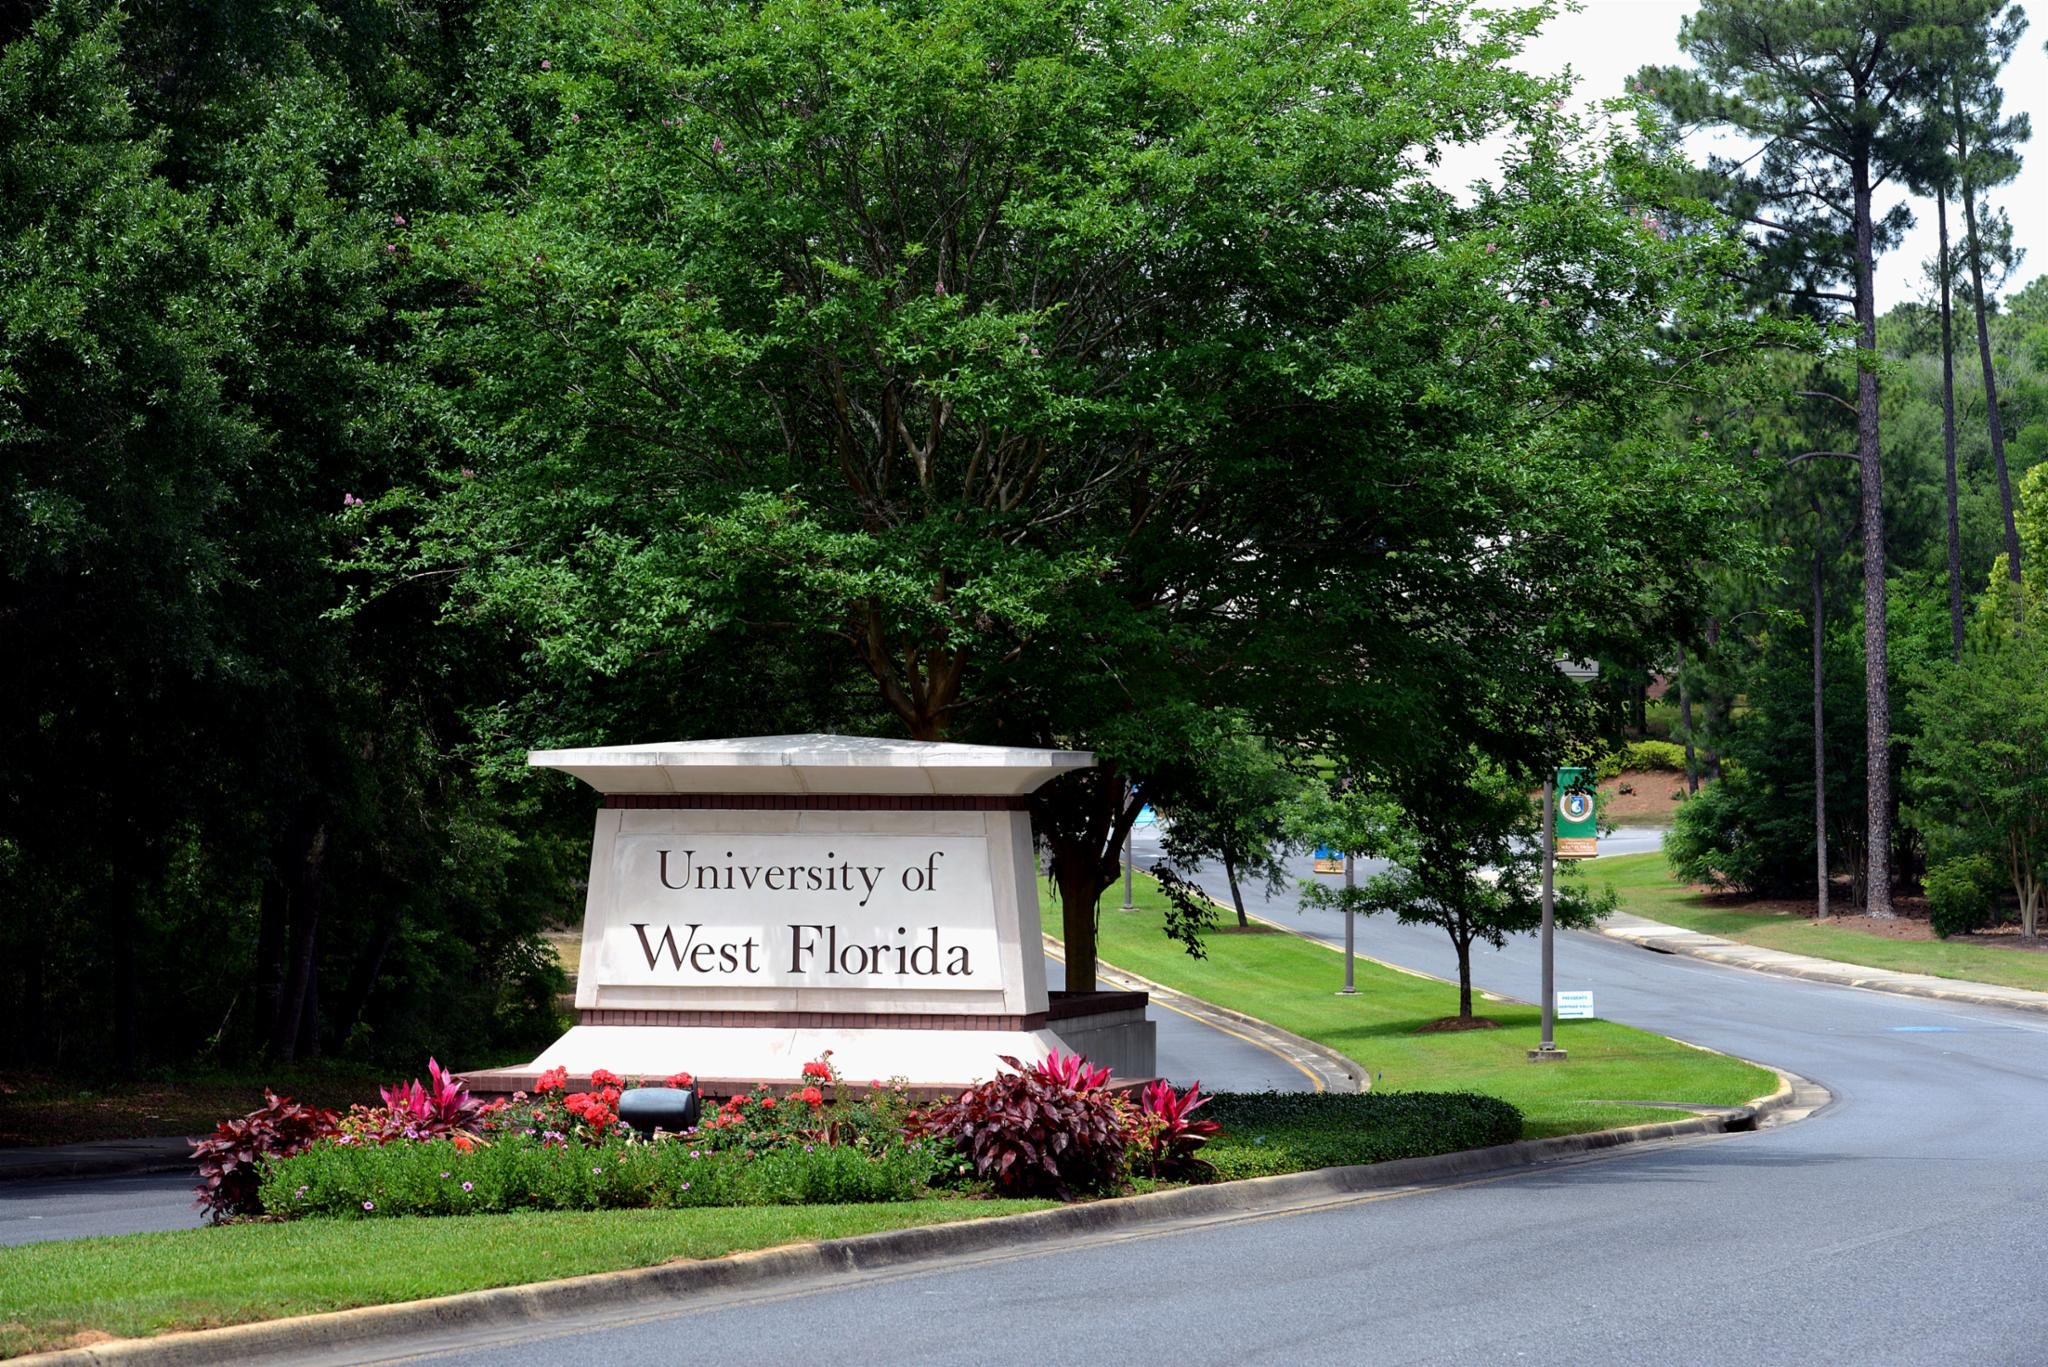 """Résultat de recherche d'images pour """"University of West Florida campus photos"""""""